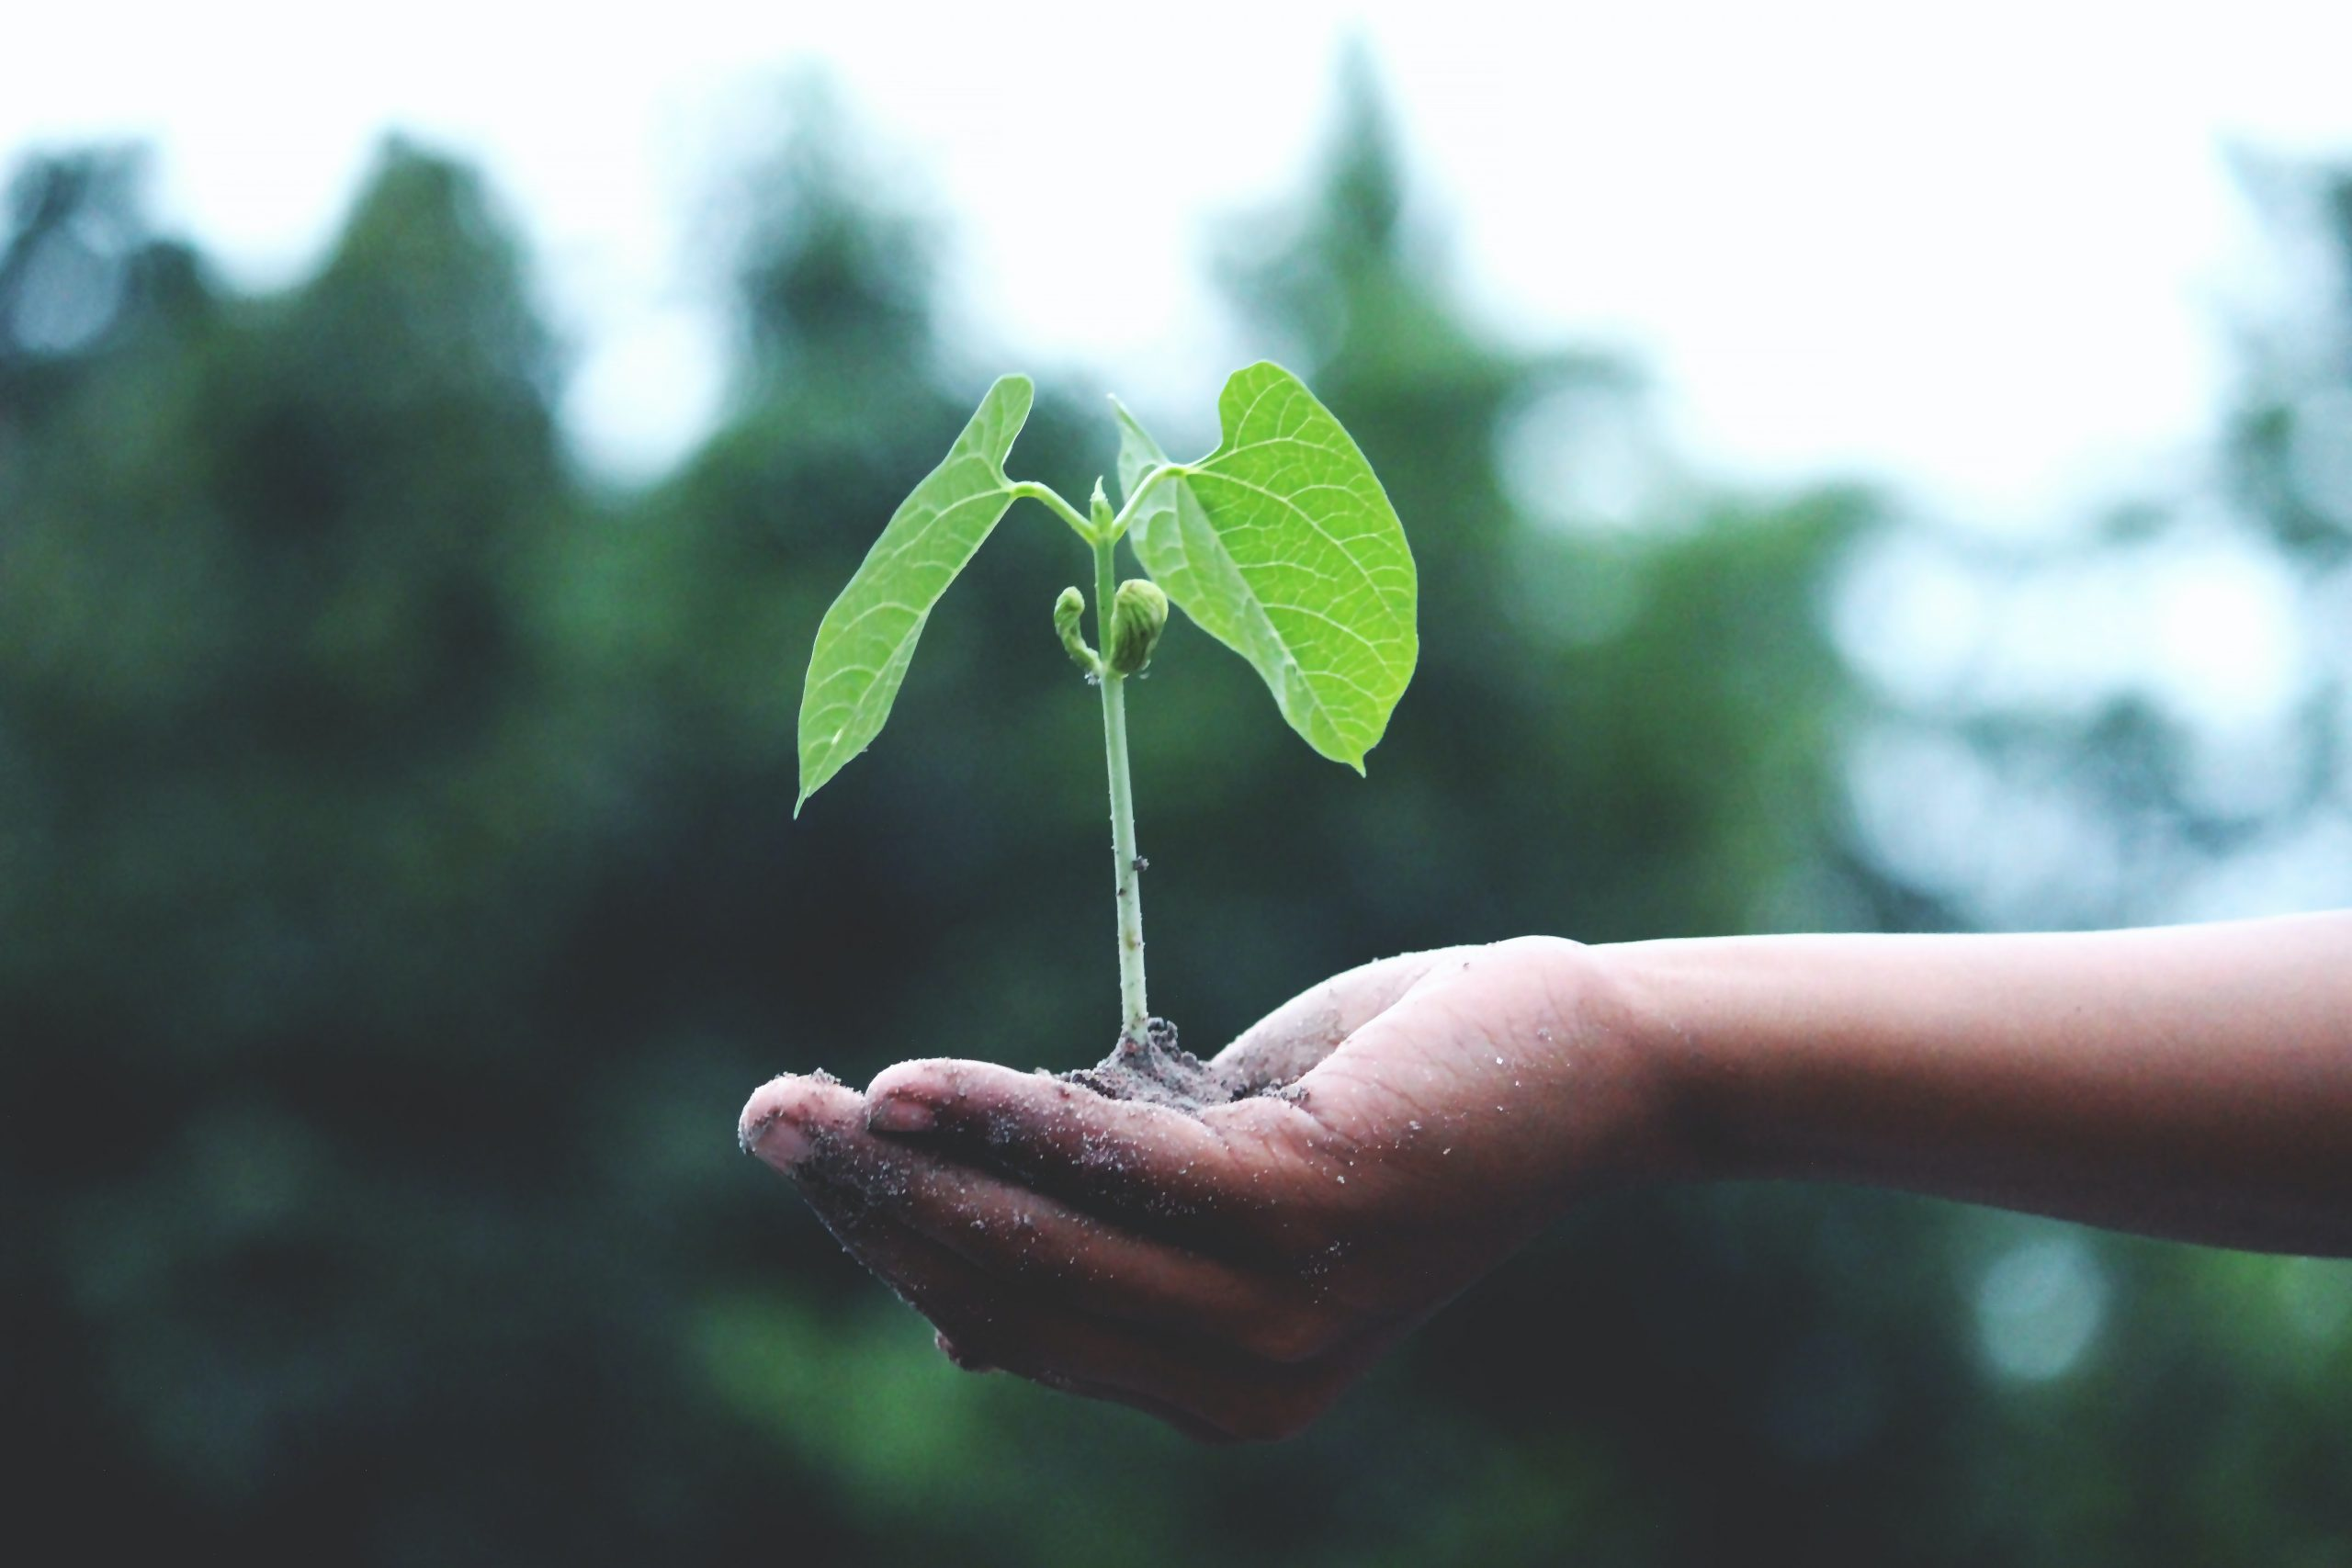 По какой программе проходить дополнительную профпереподготовку по экологии?